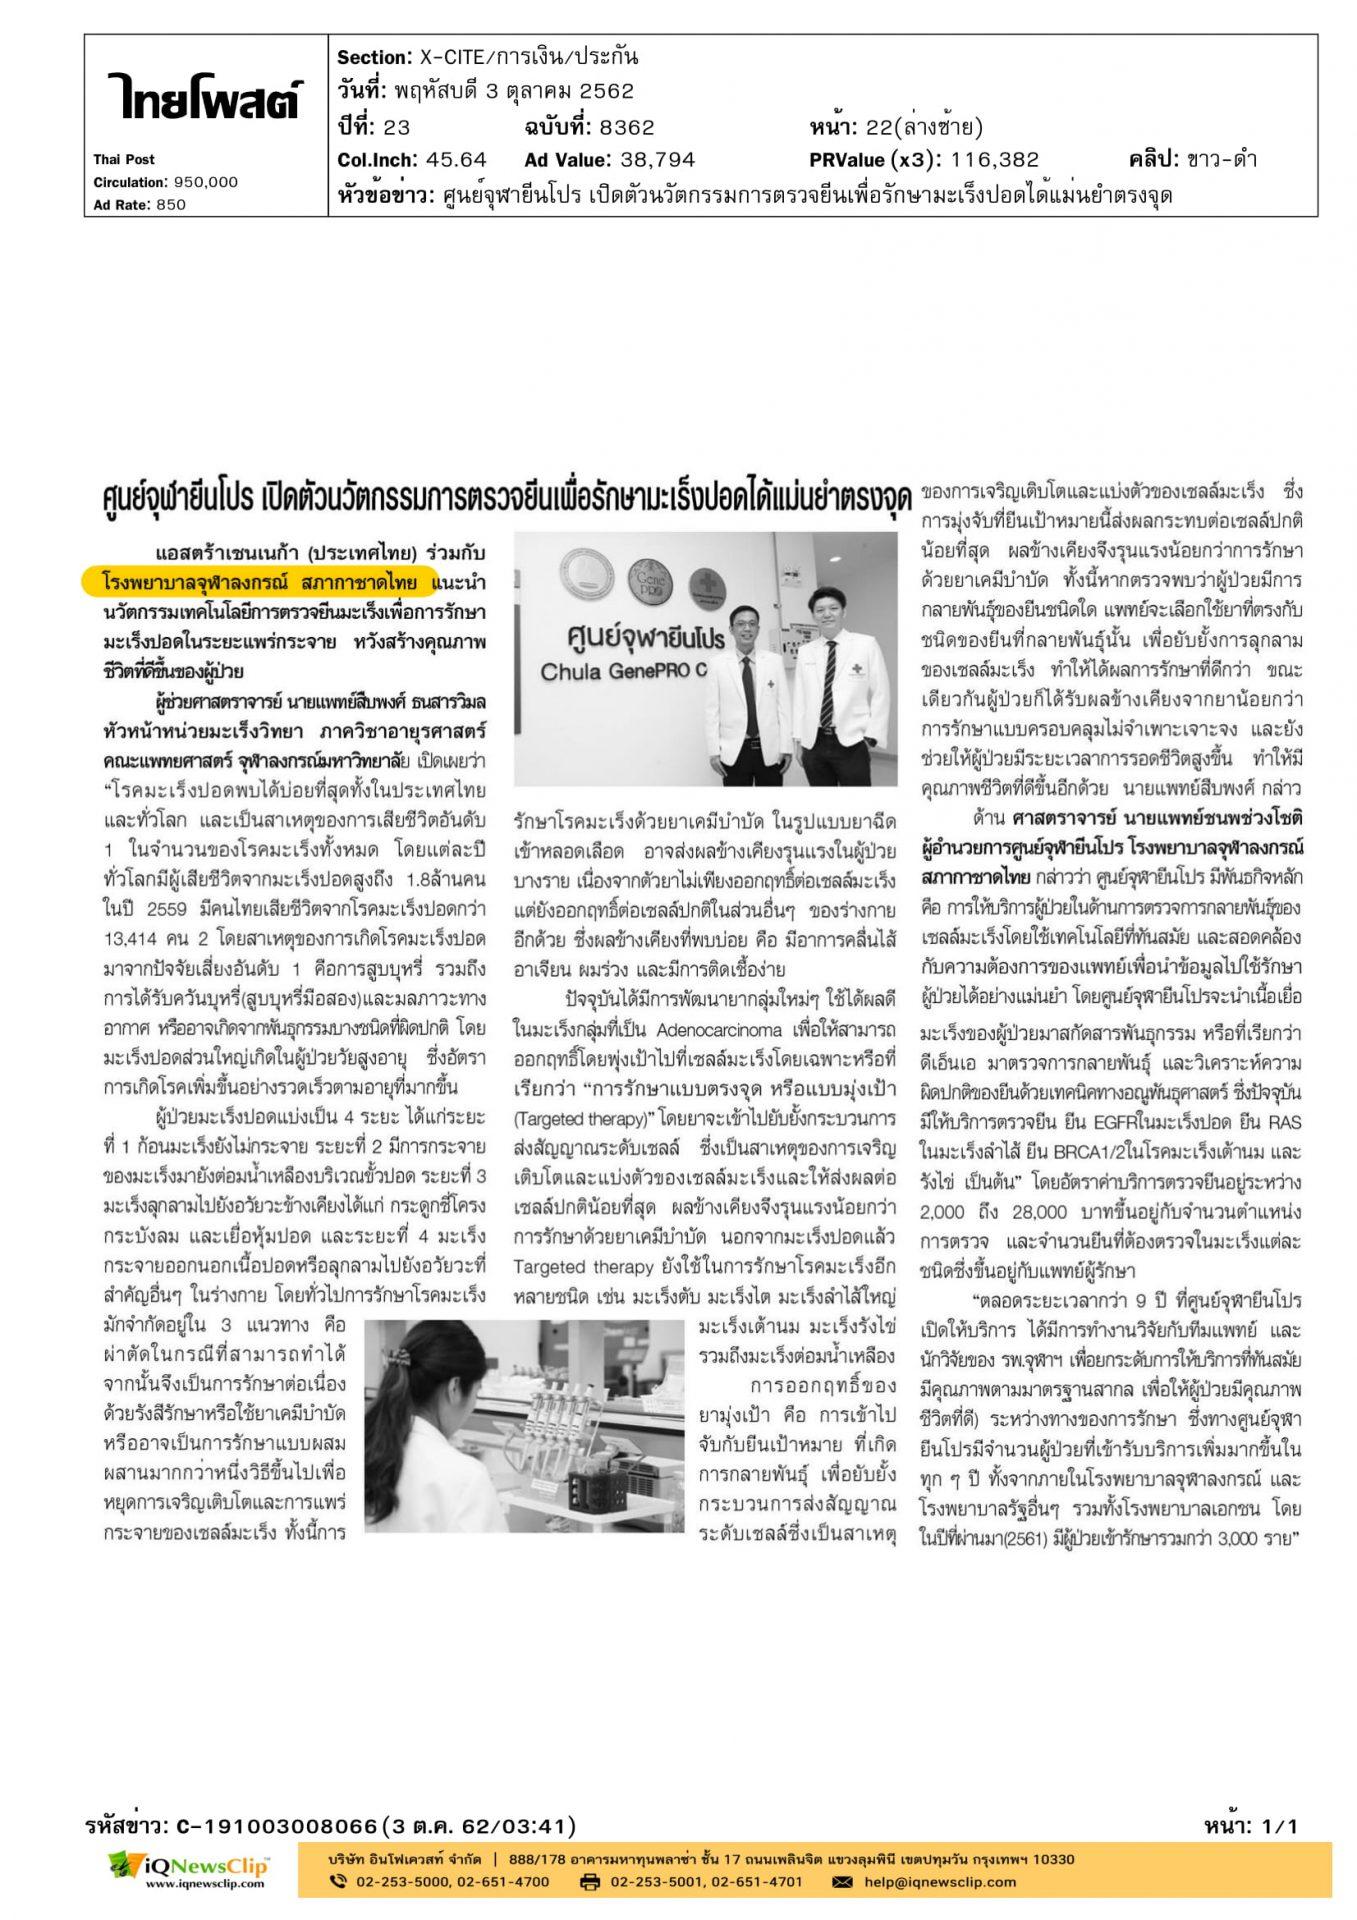 รพ.จุฬาฯ เปิดตัวนวัตกรรมเทคโนโลยีการตรวจยีน